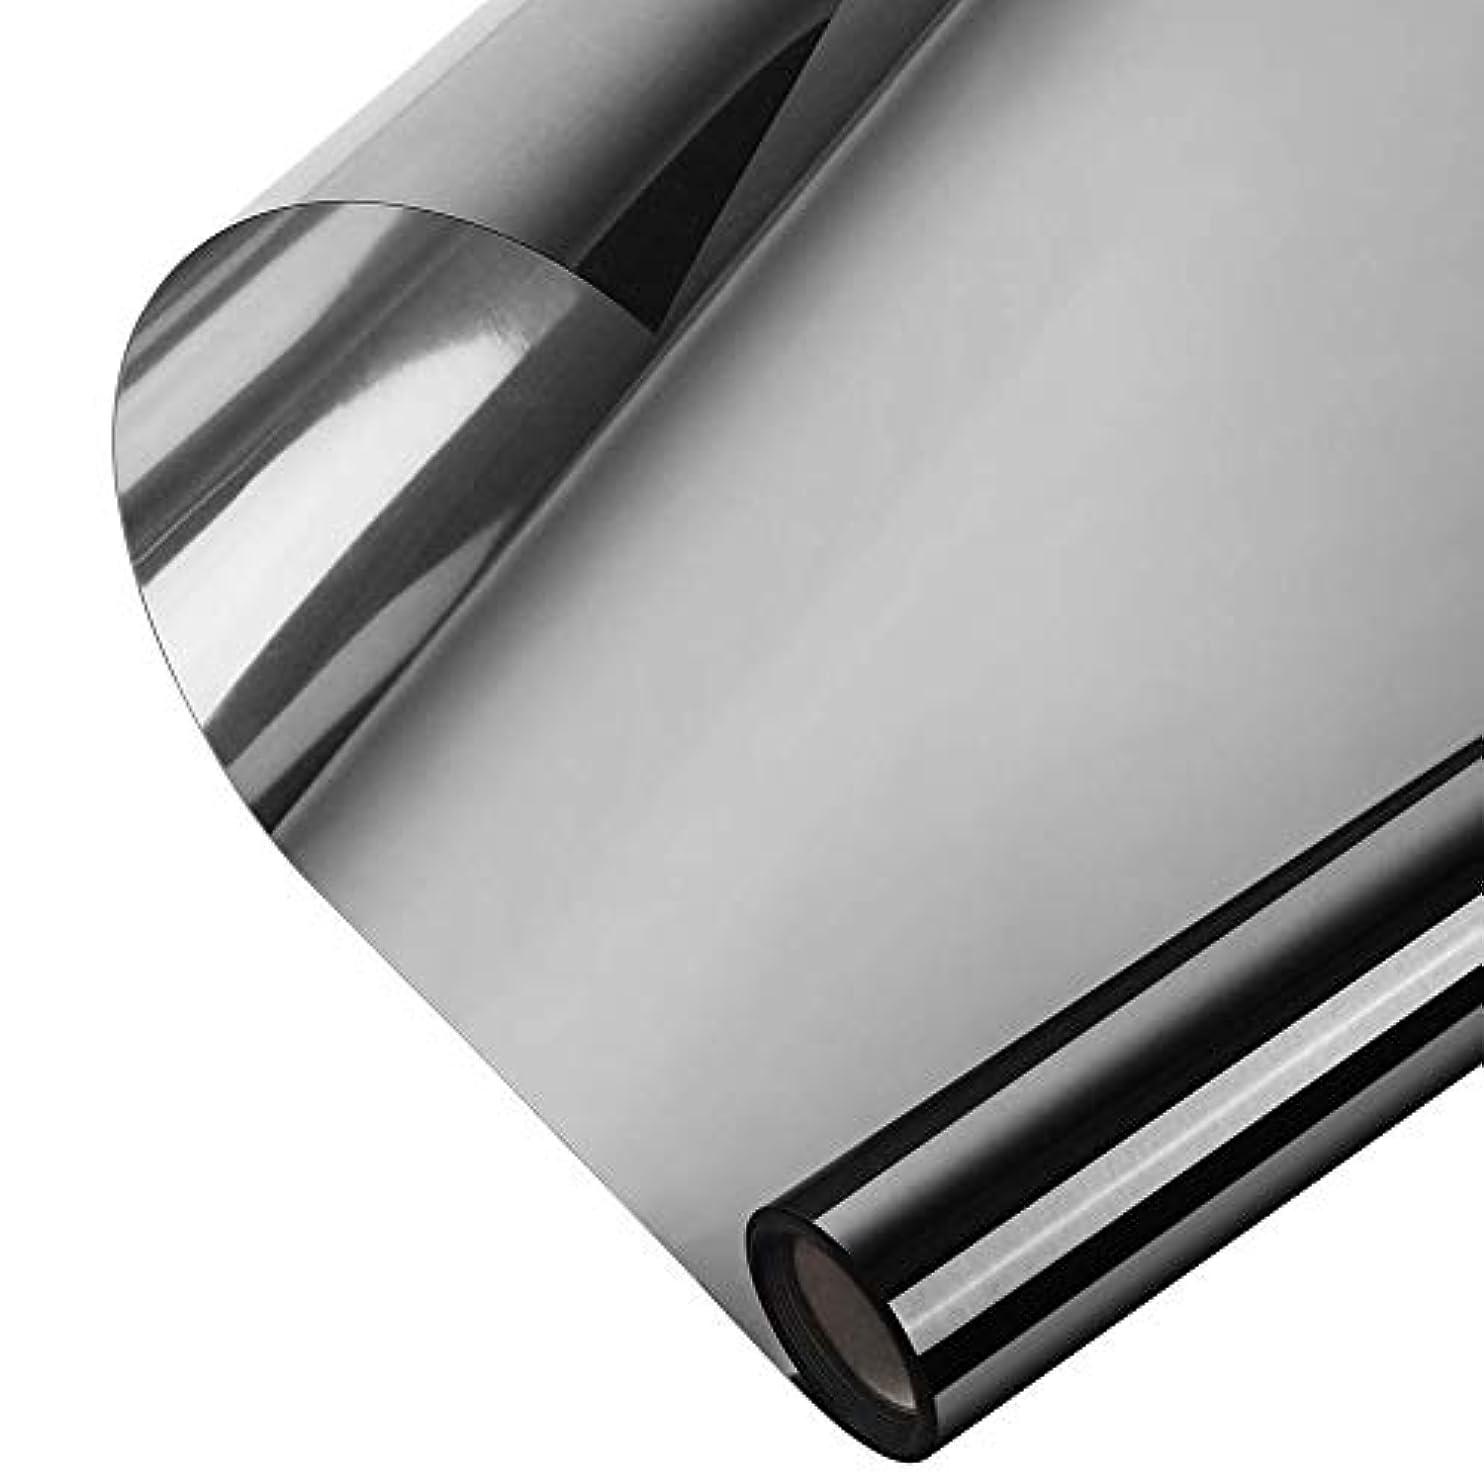 驚稚魚マカダムAlligado ミラーウィンドウフィルム反射ウィンドウフィルム一方向ミラー効果昼間プライバシーステッカーガラスの色合い自己接着ソーラーコントロール断熱材ミラーウィンドウ熱制御フィルム